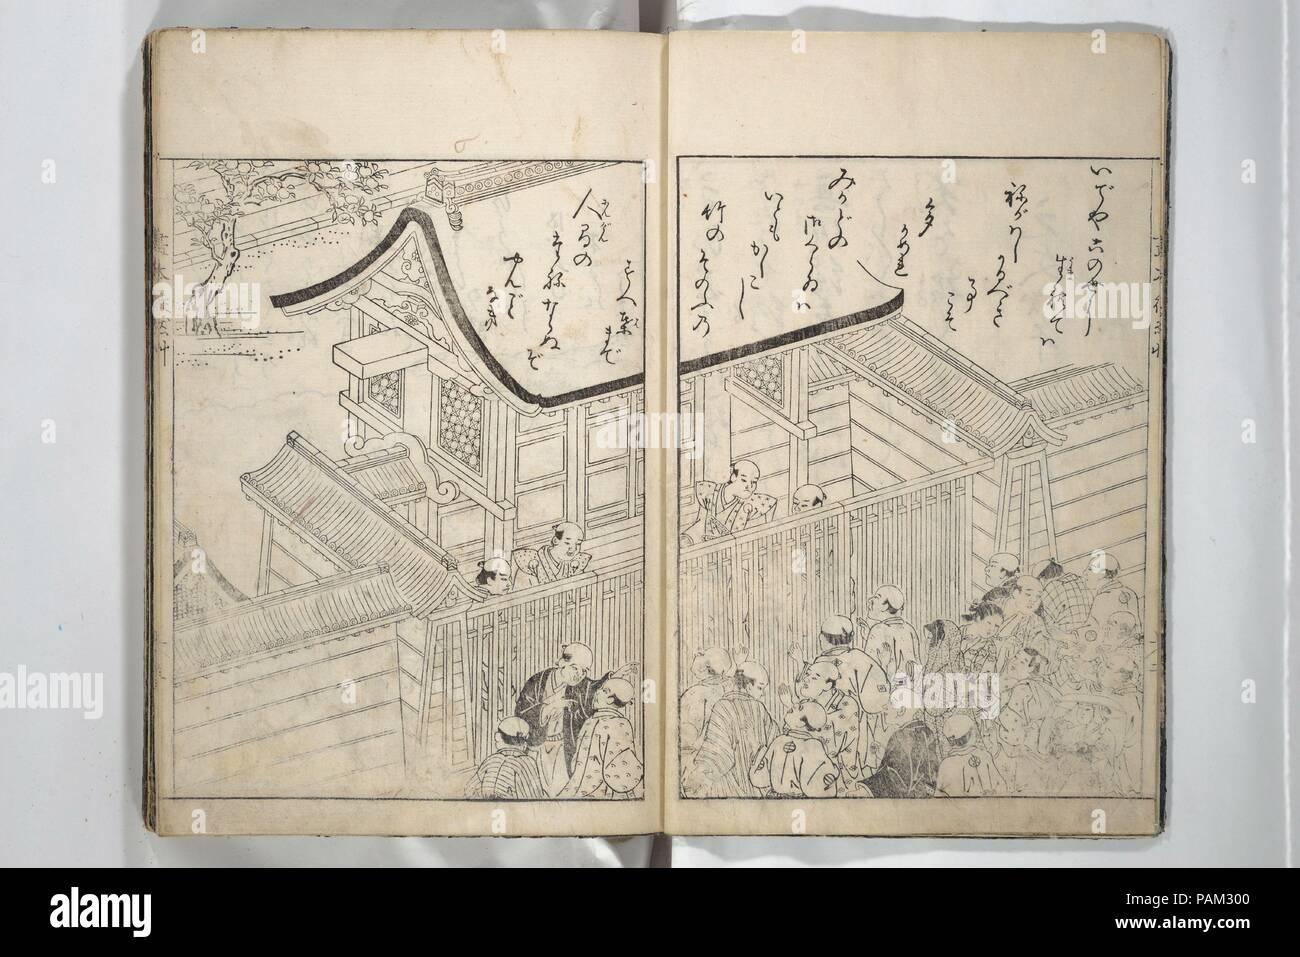 japanese essays for beginners